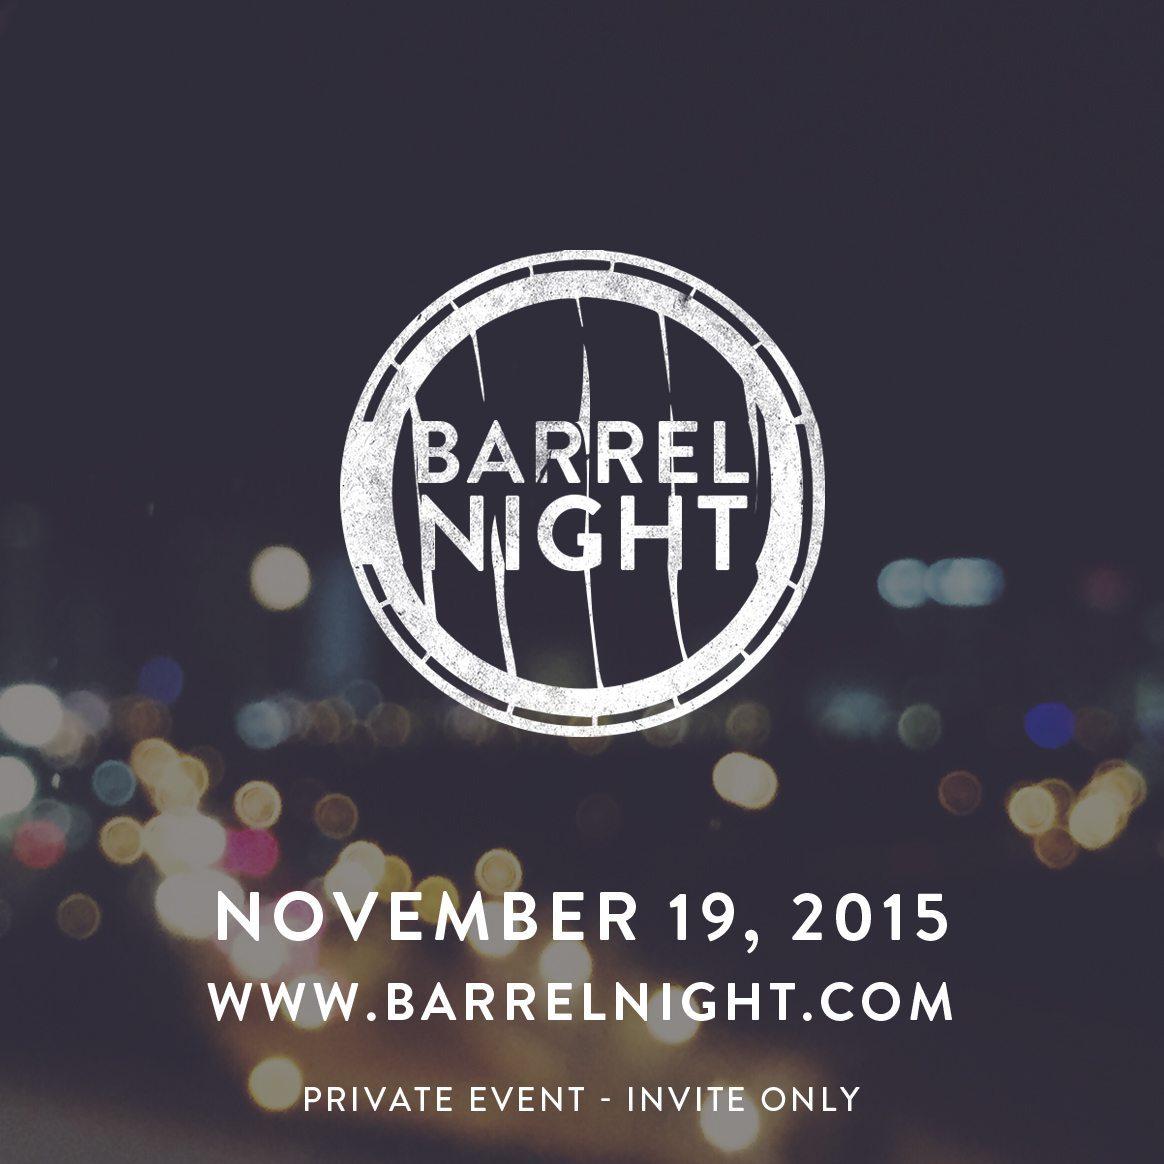 Barrel Night Social 2